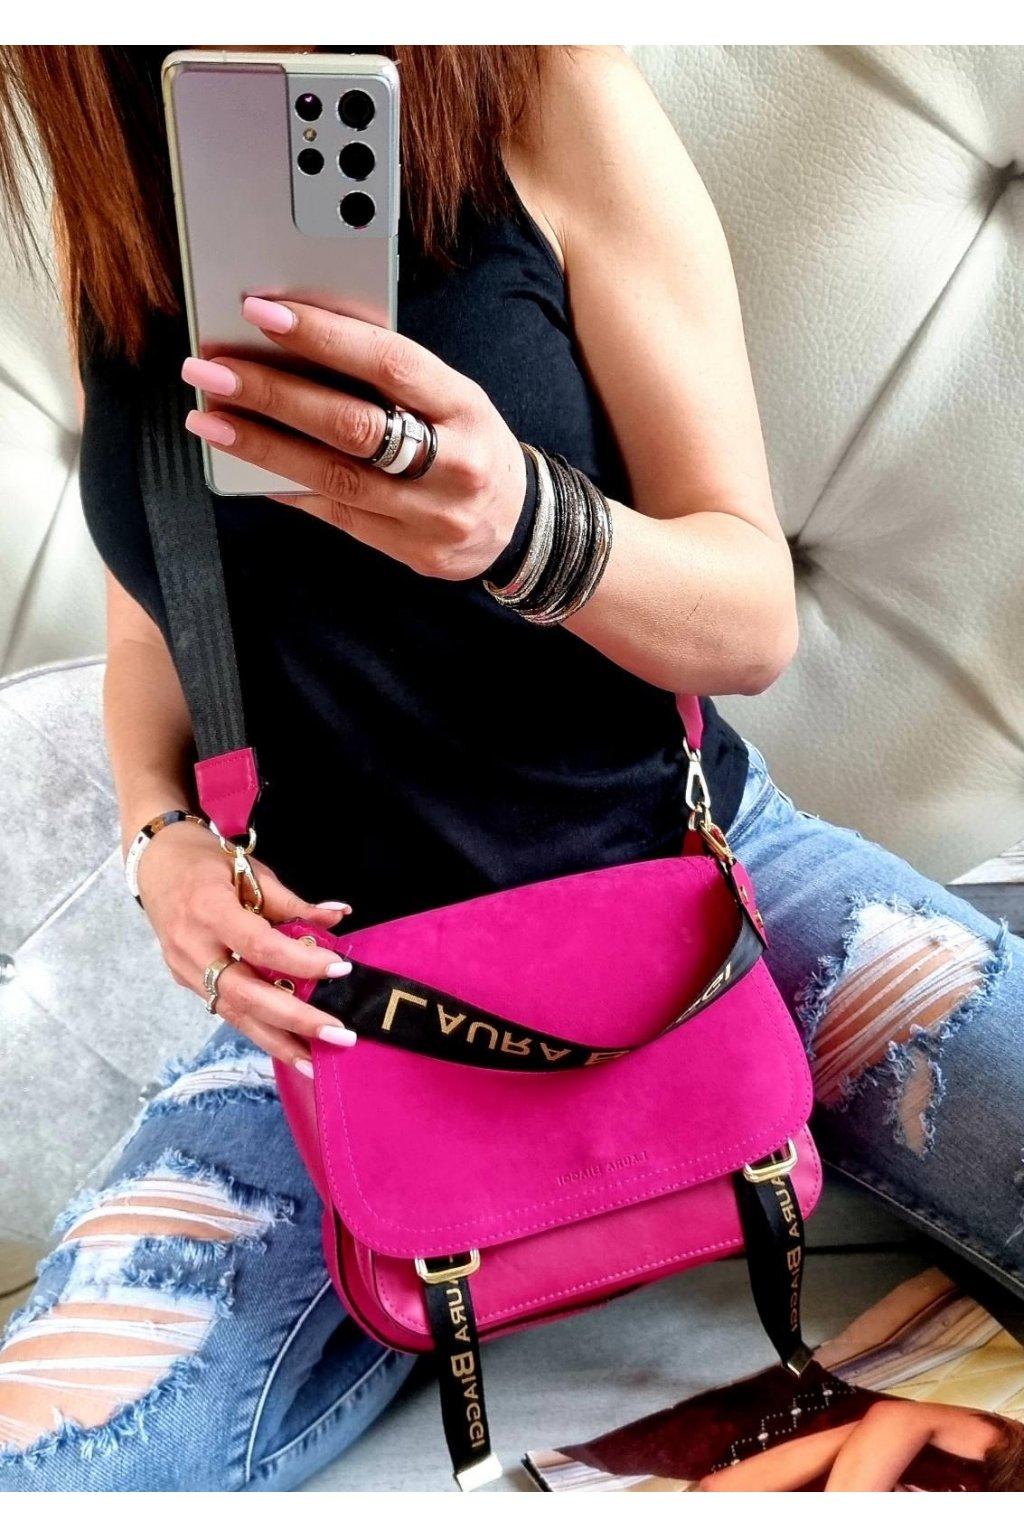 kabelka laura biaggi crossbody edition trendy luxusní značková kabelka stylová sportovní růžová pink